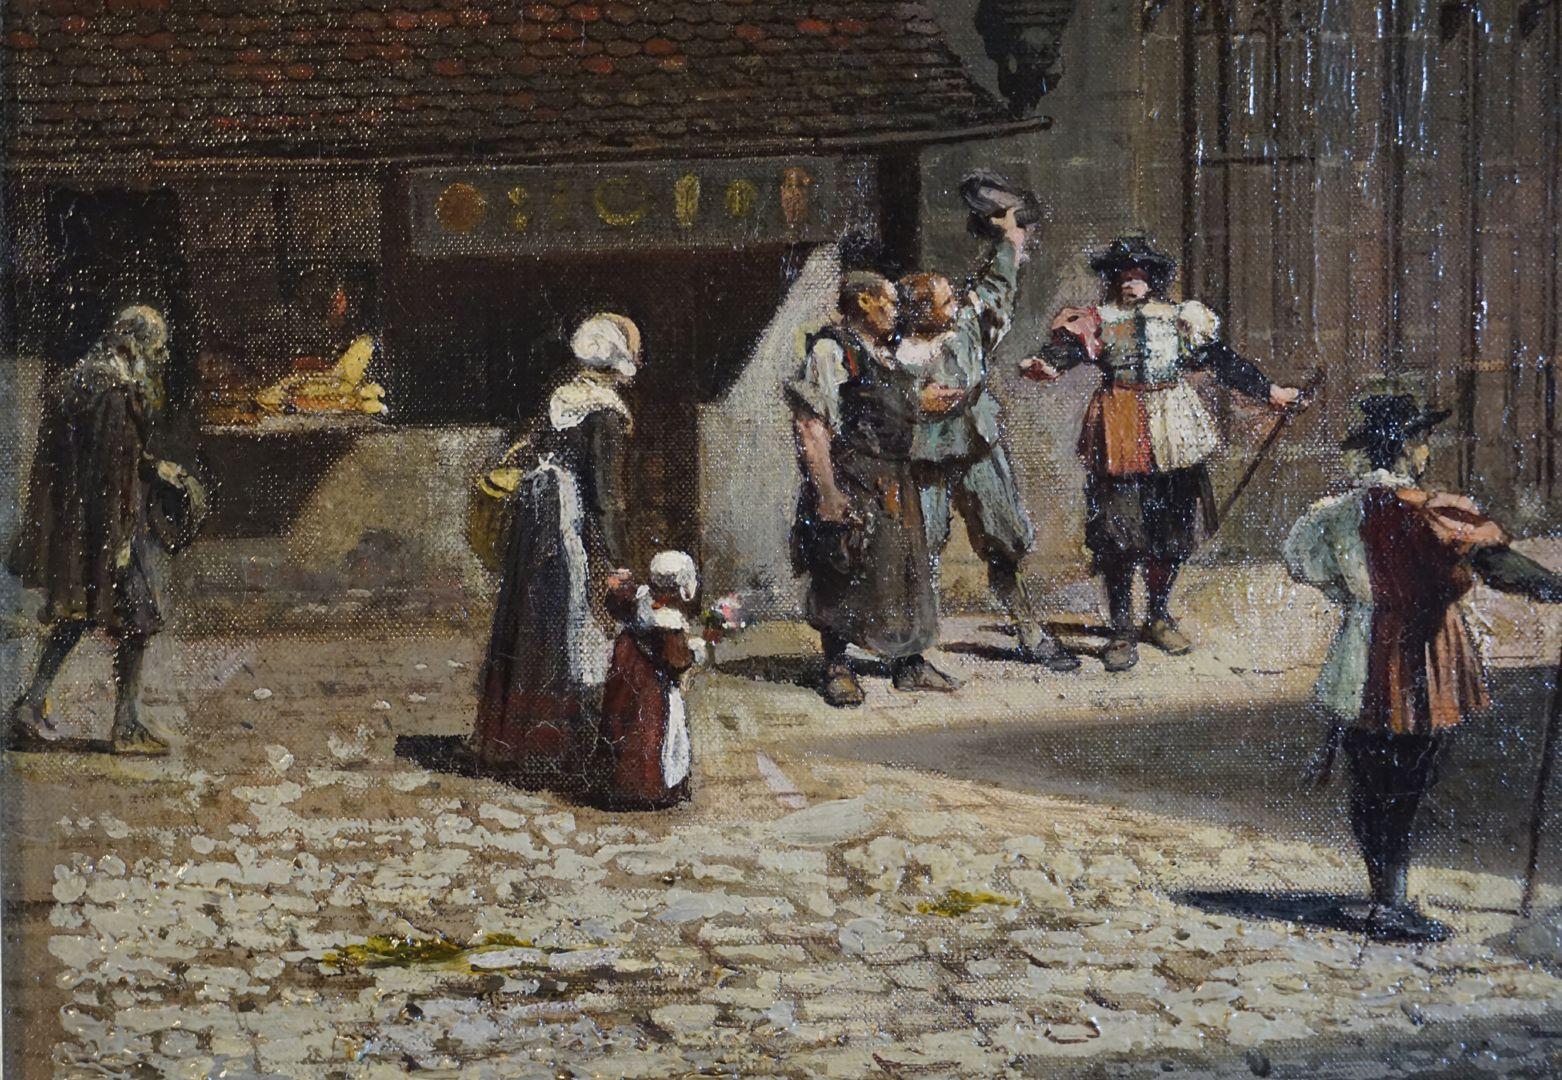 Abschiedsszene Gustav Adolfs und seines Gefolges linker untere Bildrand mit Verkaufsladen und Paul Ritter (?) welcher von links die Szene betritt.